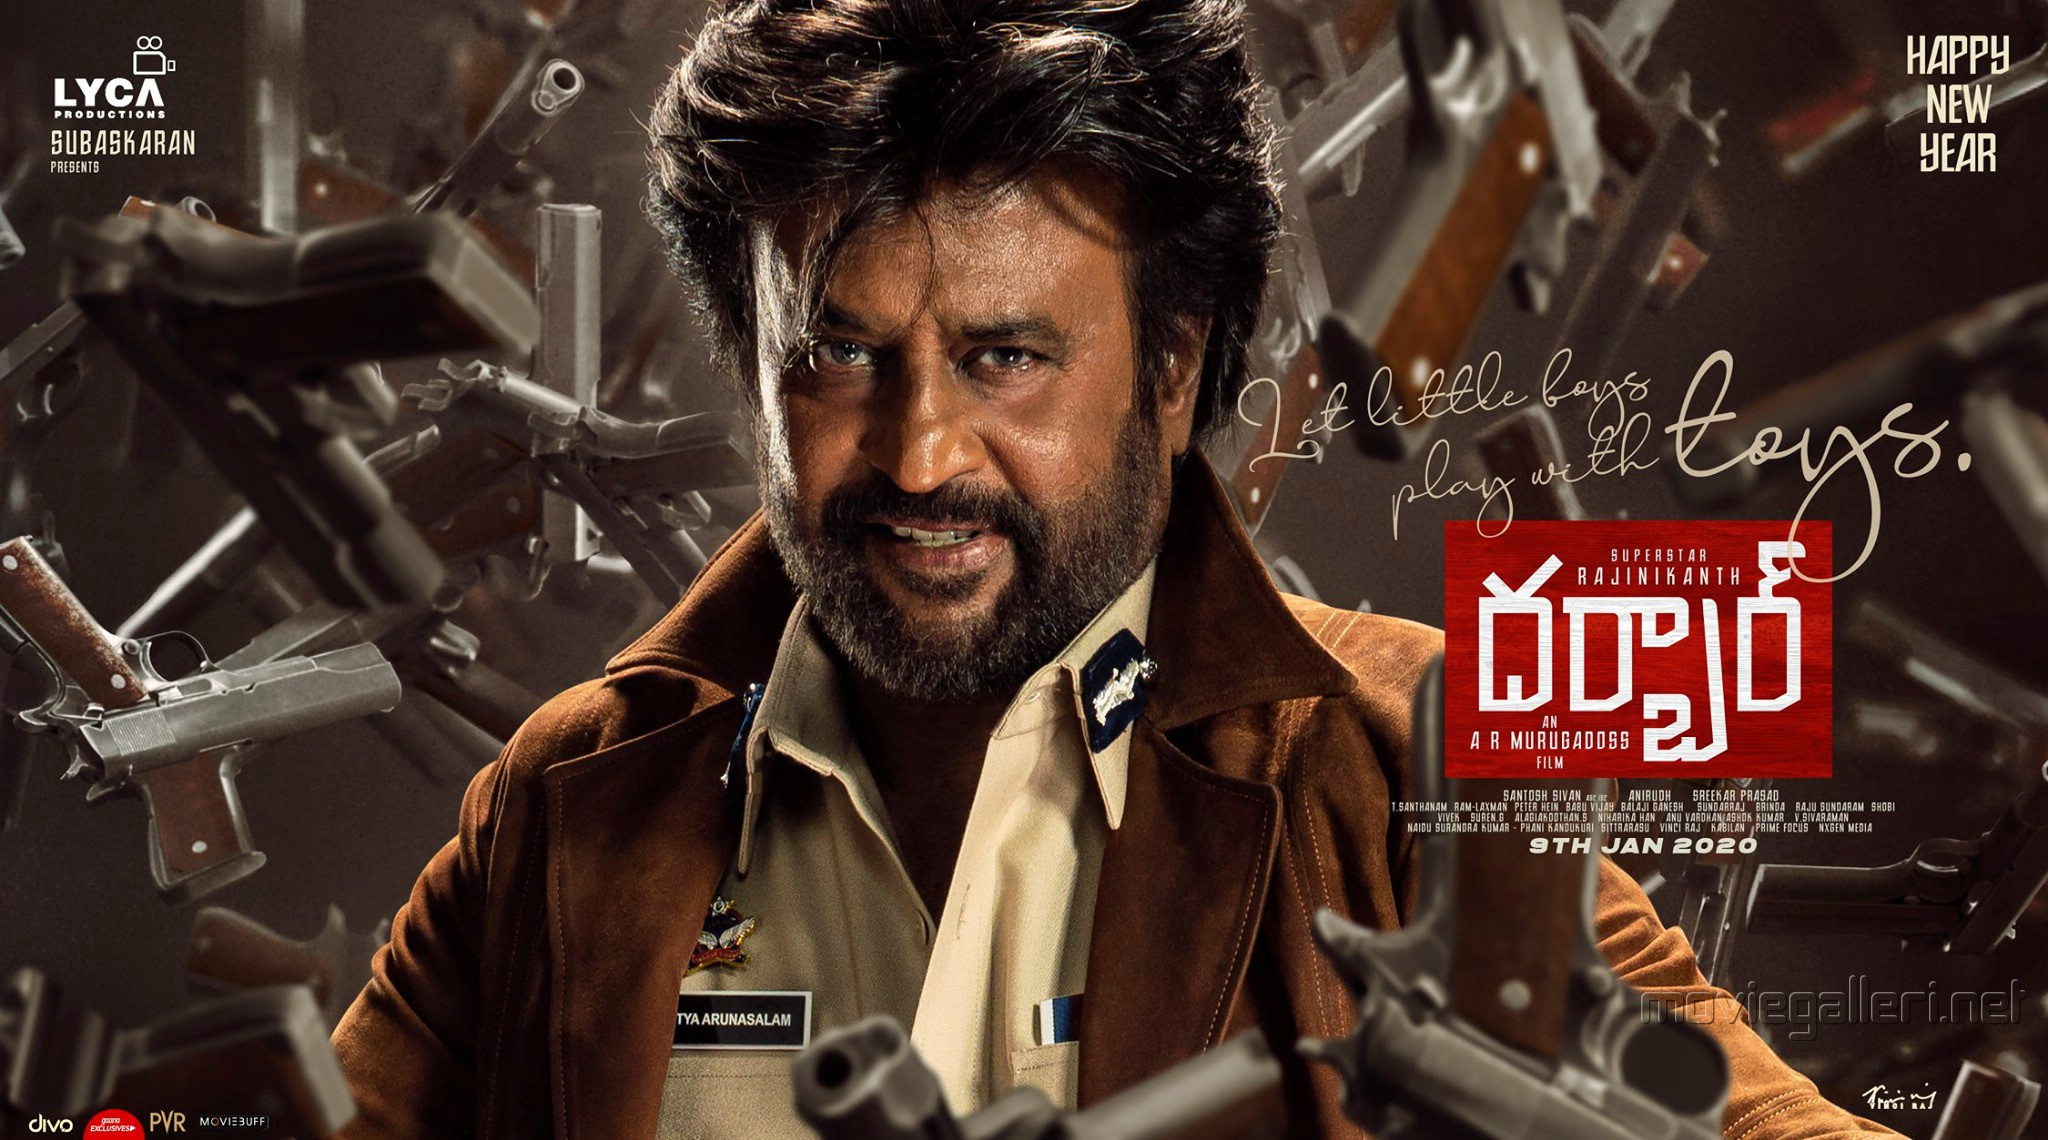 Rajinikanth Darbar Movie New Year 2020 Wishes Posters HD 17baf5d